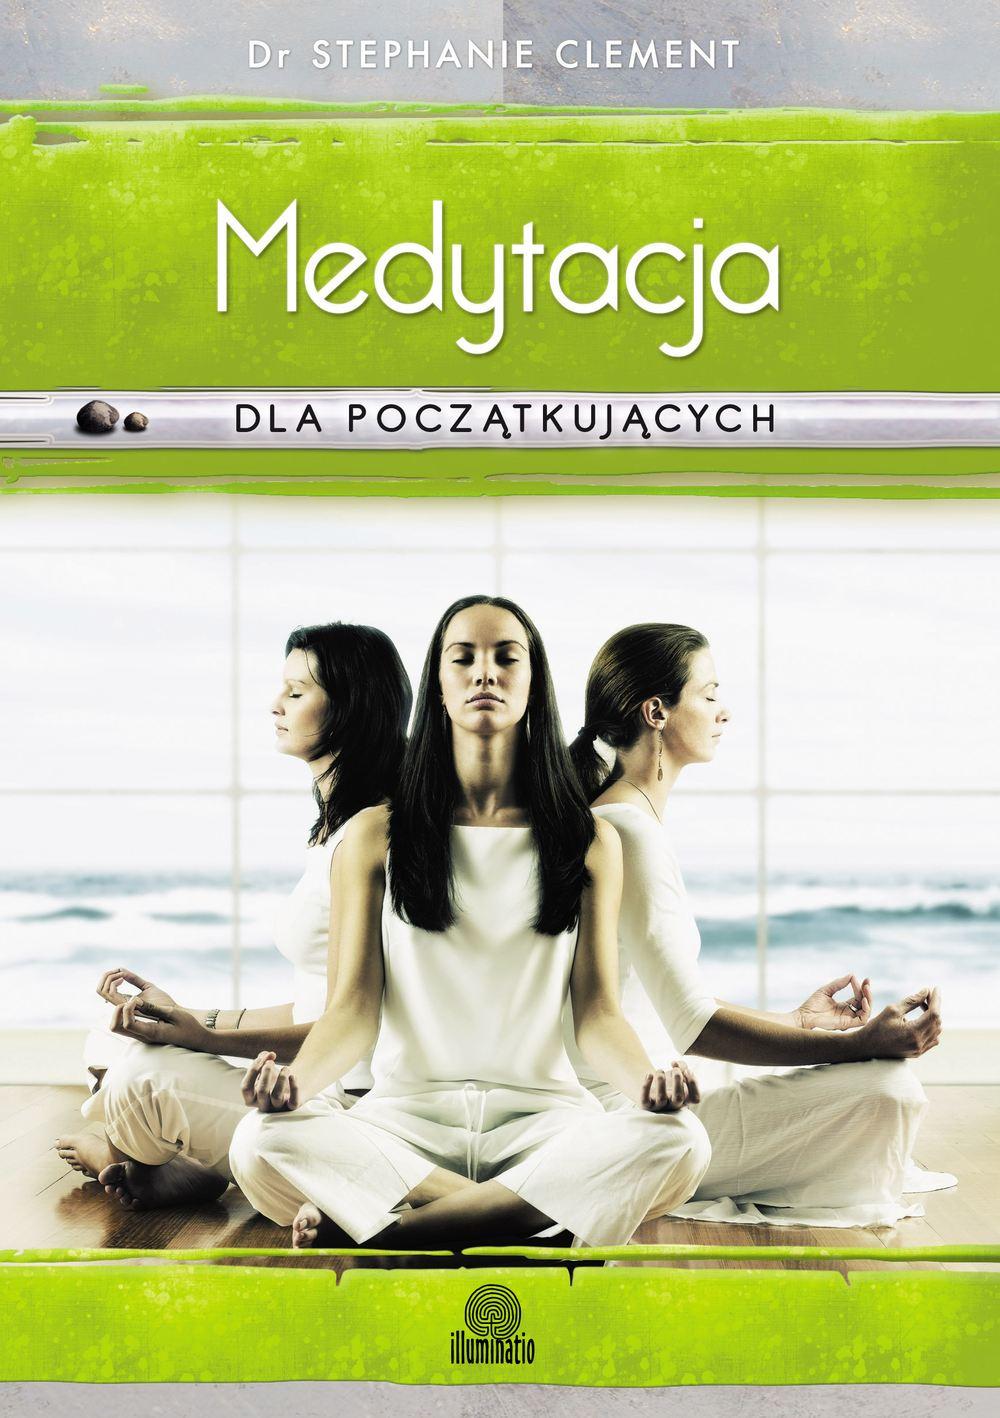 Medytacja dla początkujących. Techniki świadomości, uważności i relaksacji - Ebook (Książka EPUB) do pobrania w formacie EPUB